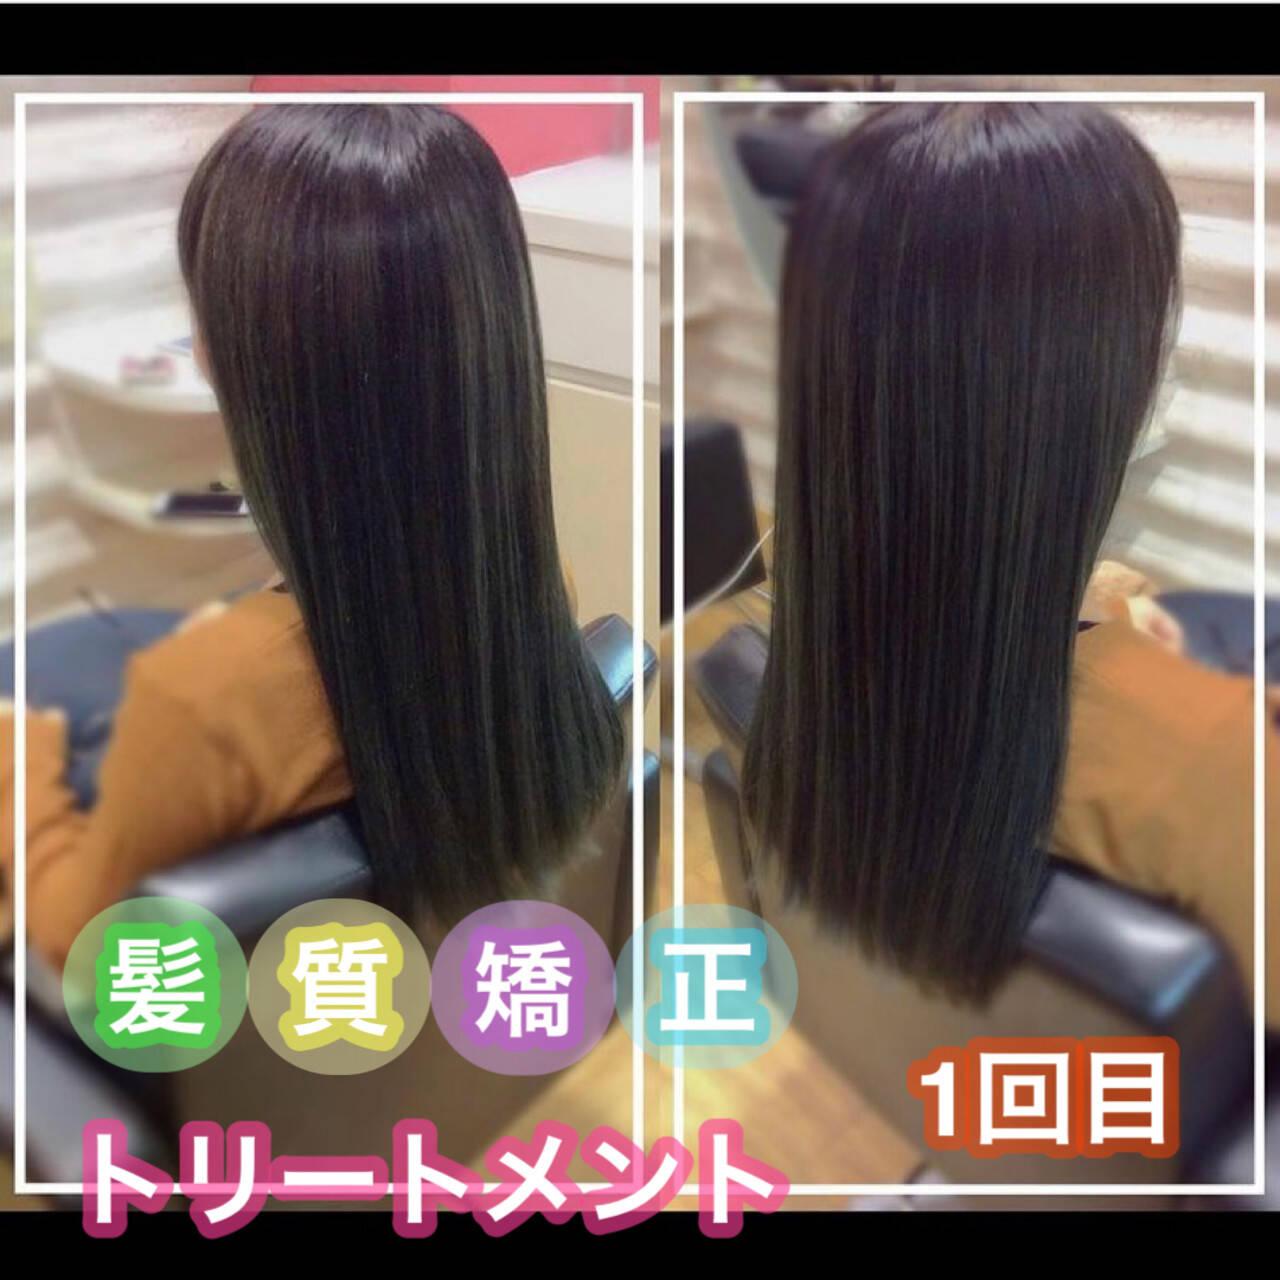 うる艶カラー 大人ロング ロング 髪質改善カラーヘアスタイルや髪型の写真・画像